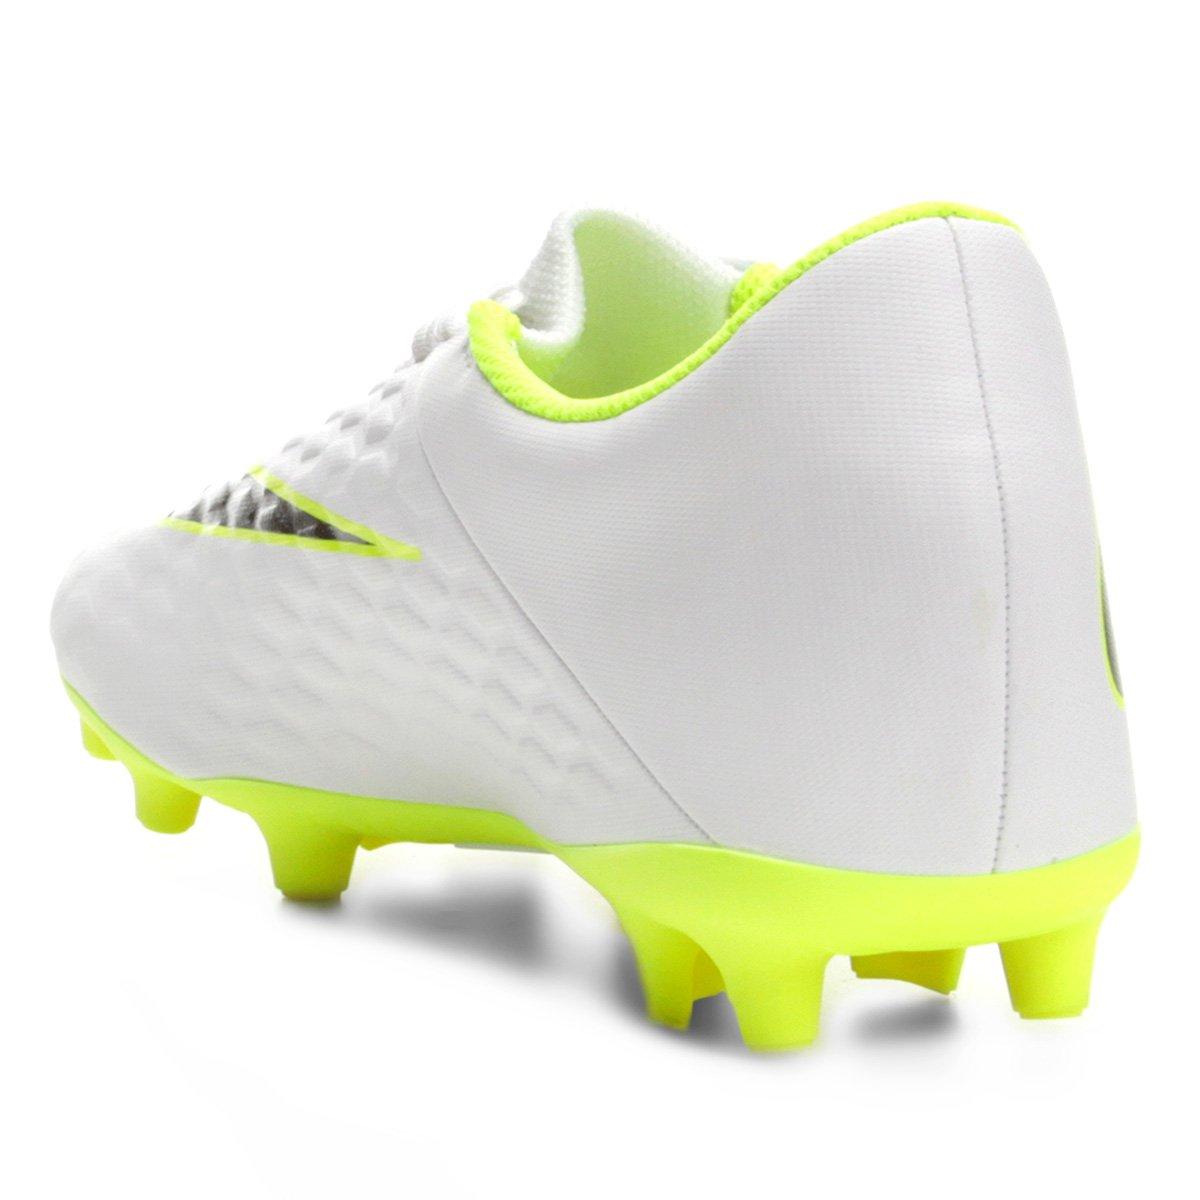 fee39ff086 Chuteira Campo Nike Hypervenom Phantom 3 Club FG - Compre Agora ...